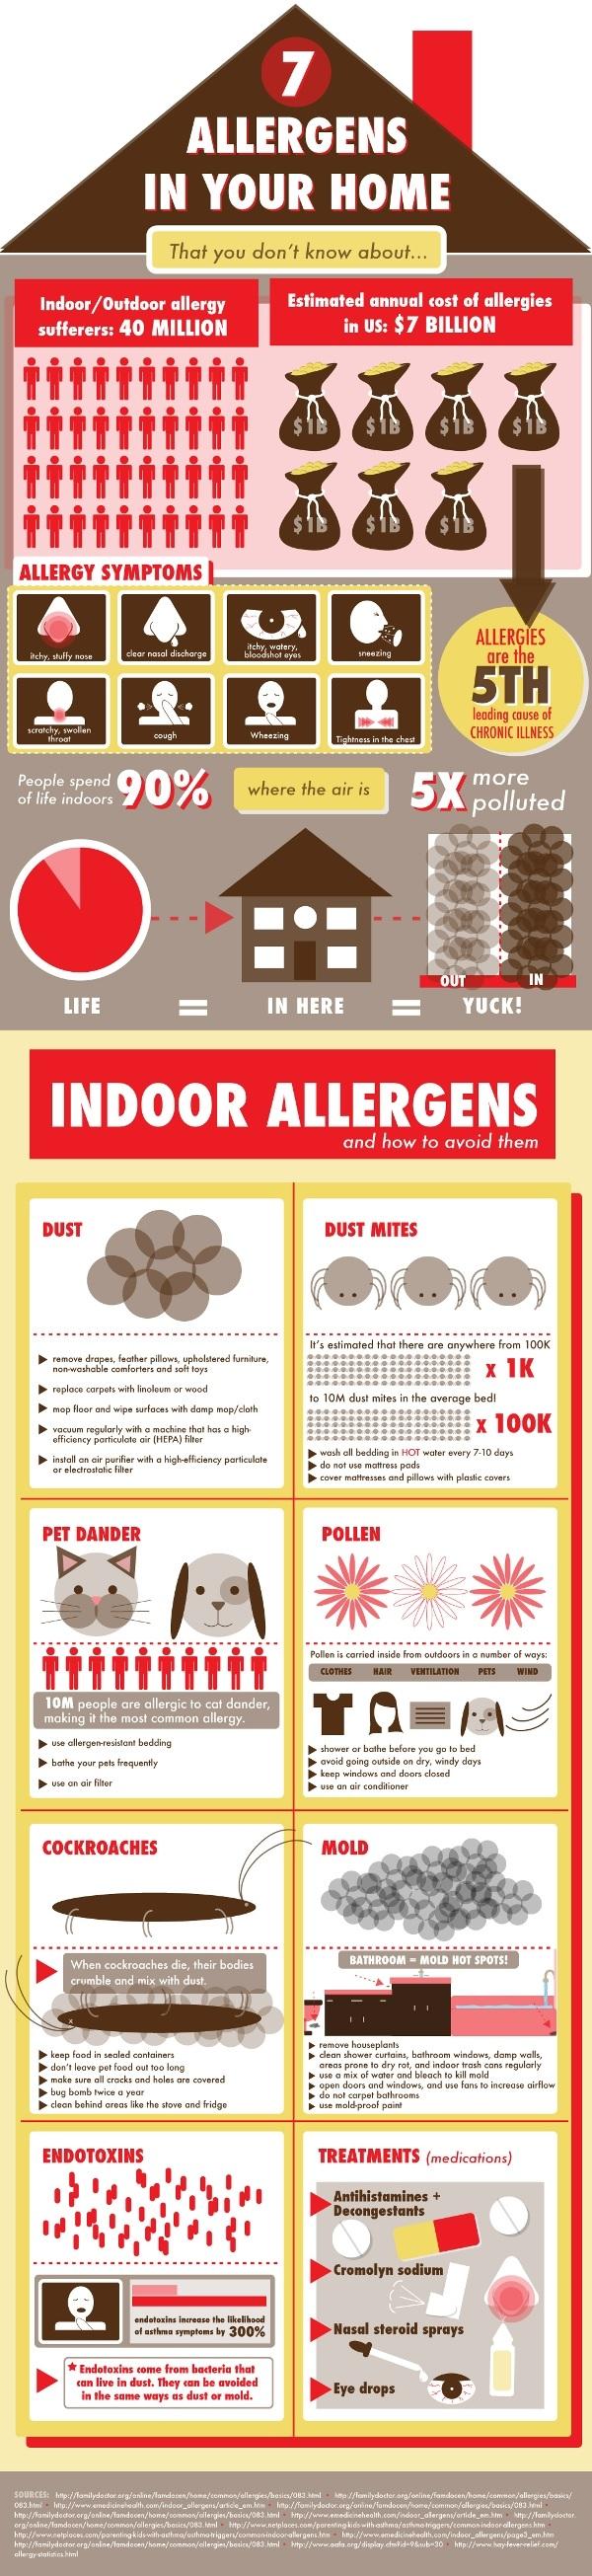 indoor allergens